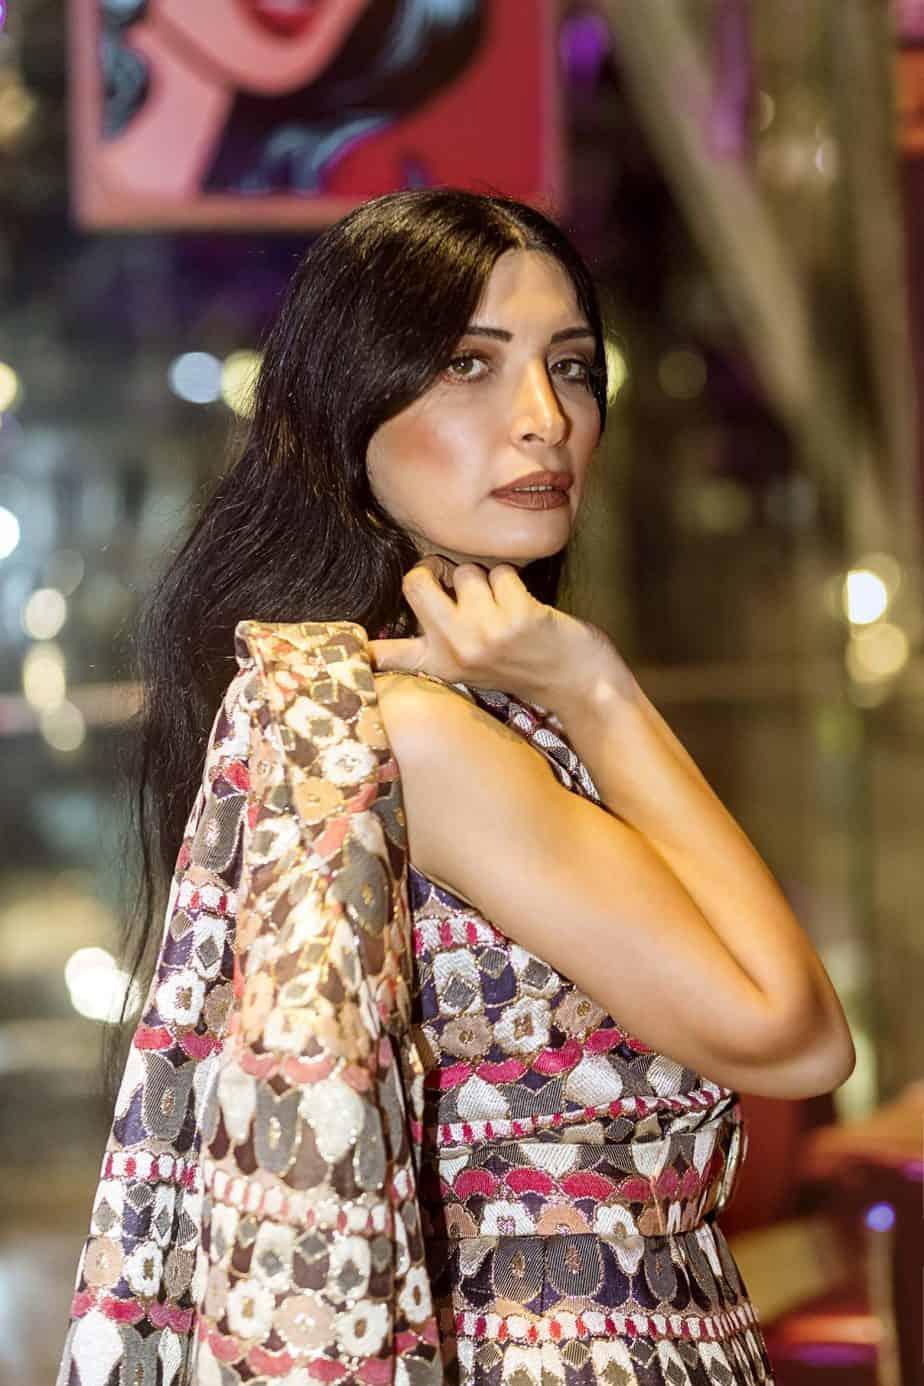 שמלת ערב וג'קט תואם, מאיה אושרי כהן, אופנה שנות השבעים,צילום Gennadiy Tsodik